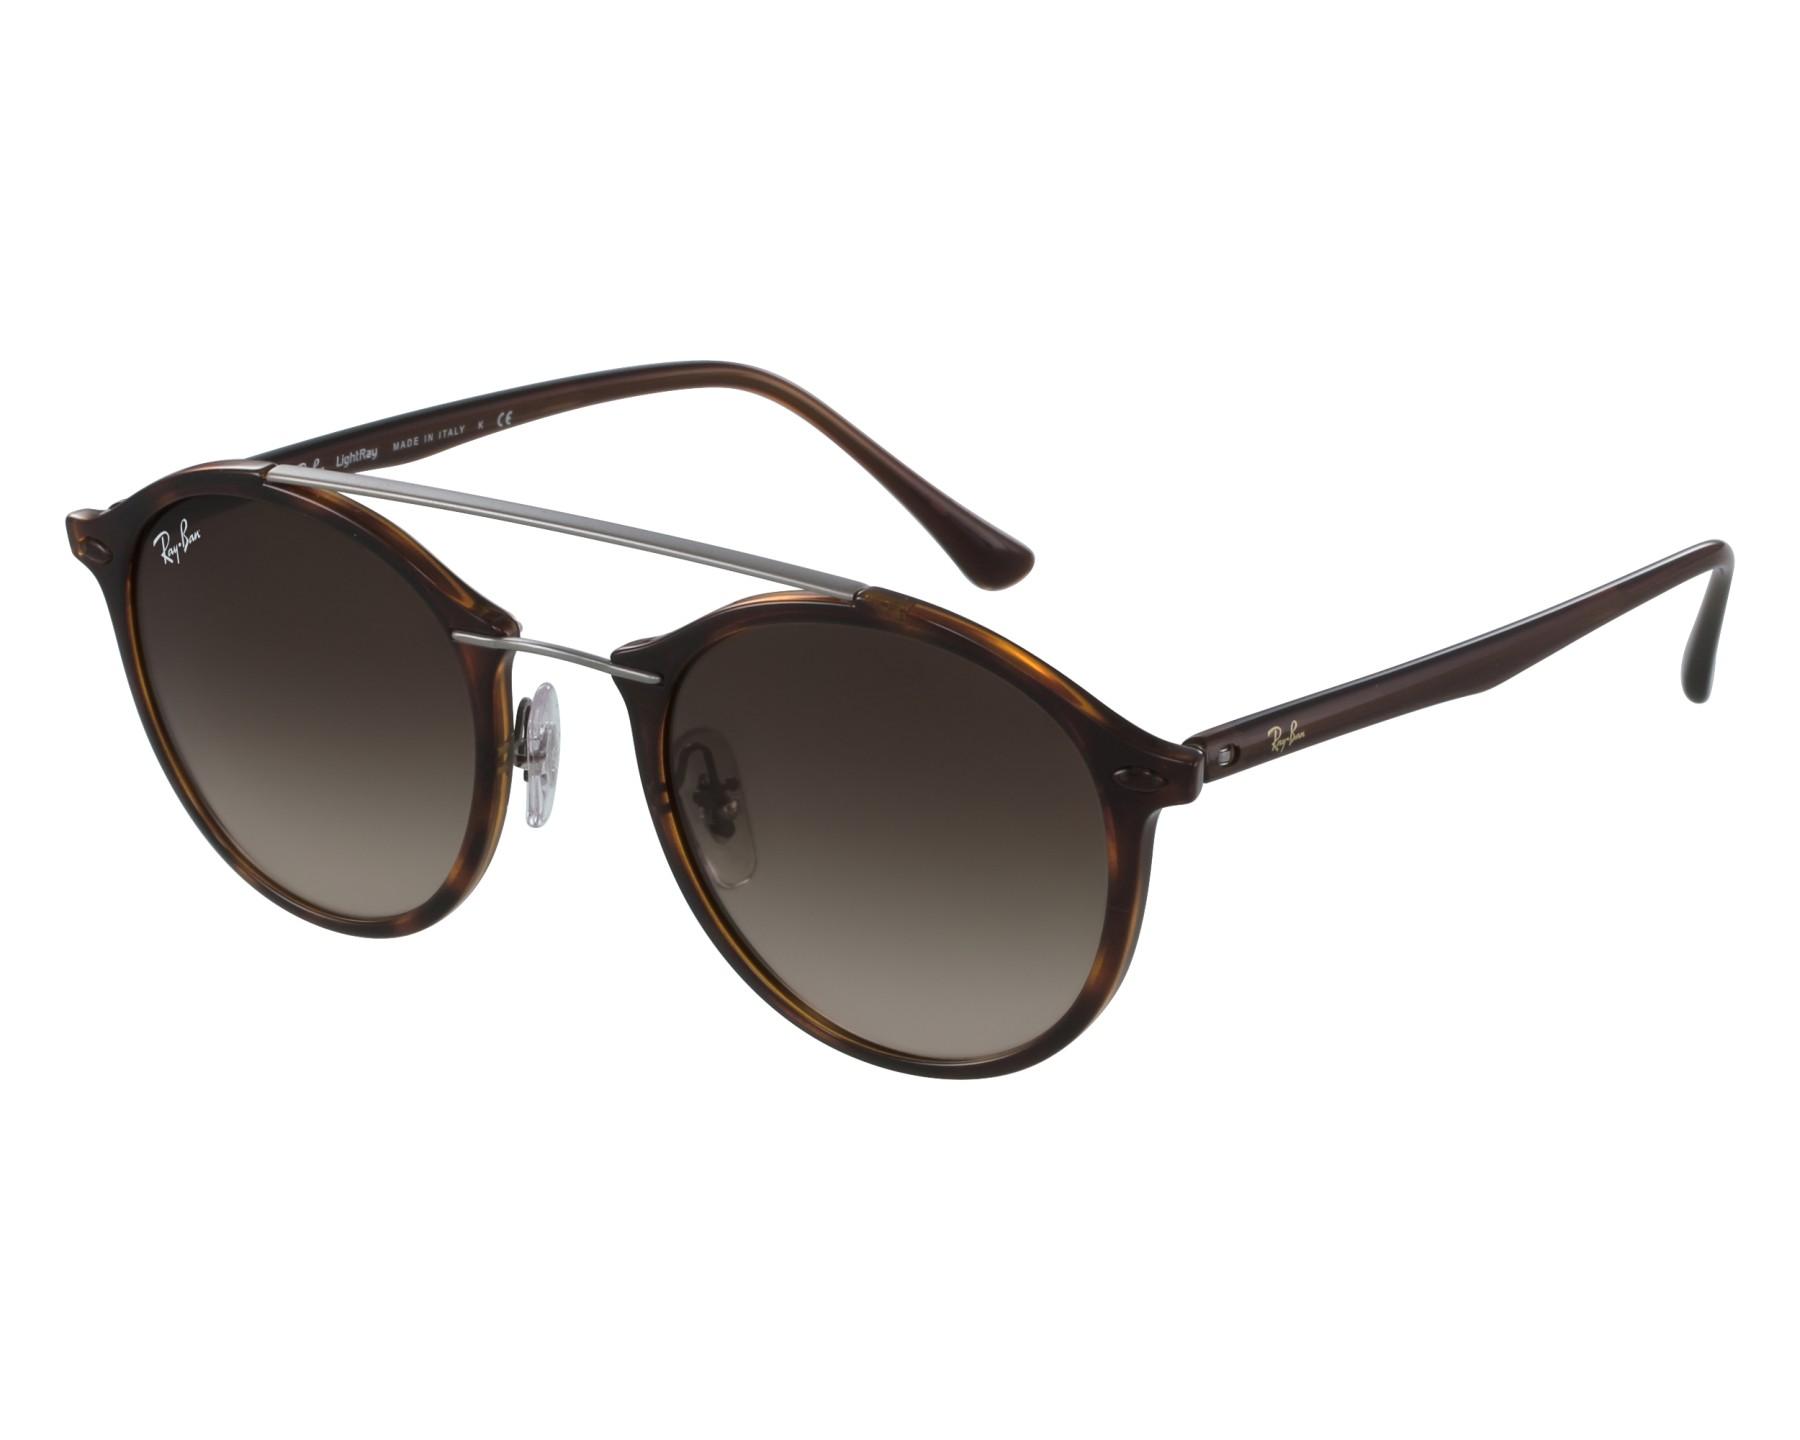 lunettes de soleil ray ban rb 4266 620113 havane avec des verres marron pour hommes taille 49. Black Bedroom Furniture Sets. Home Design Ideas